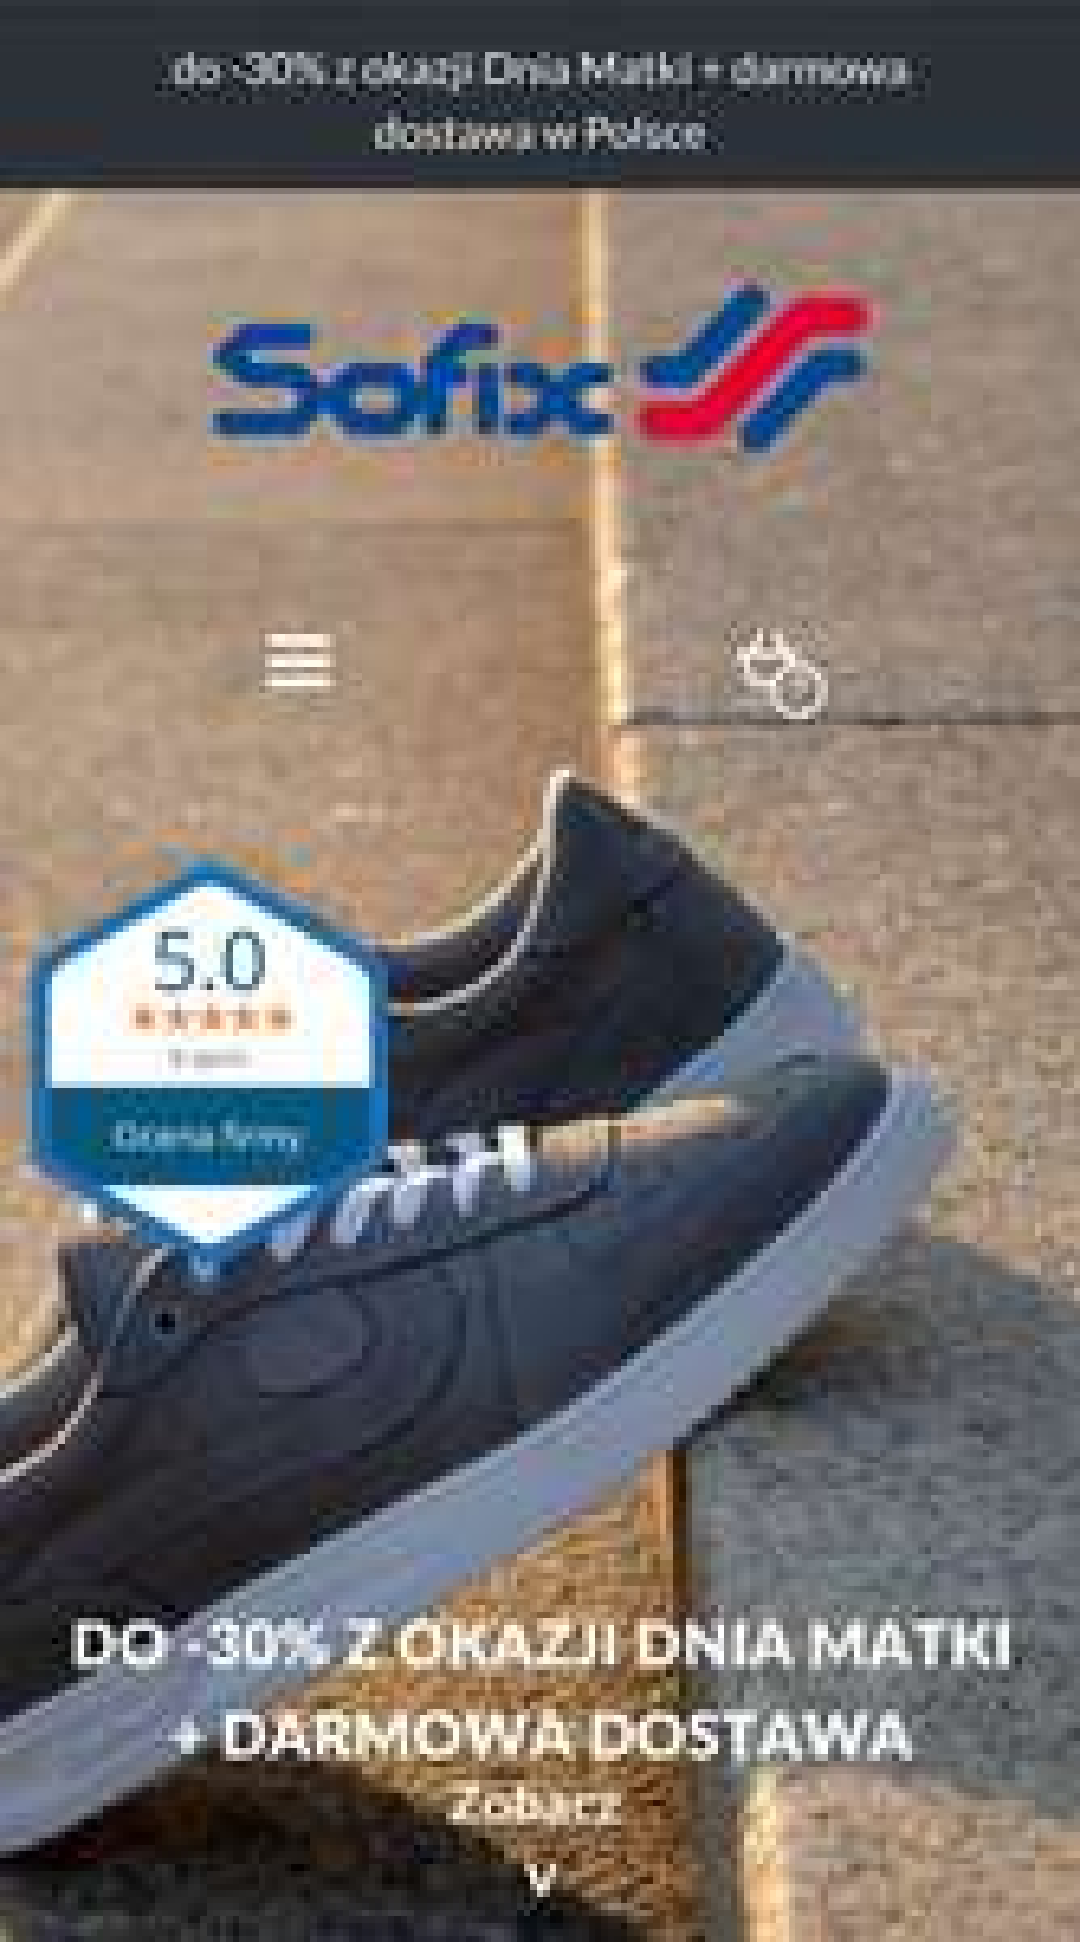 Polskie buty Sofix do -30% + dostawa free